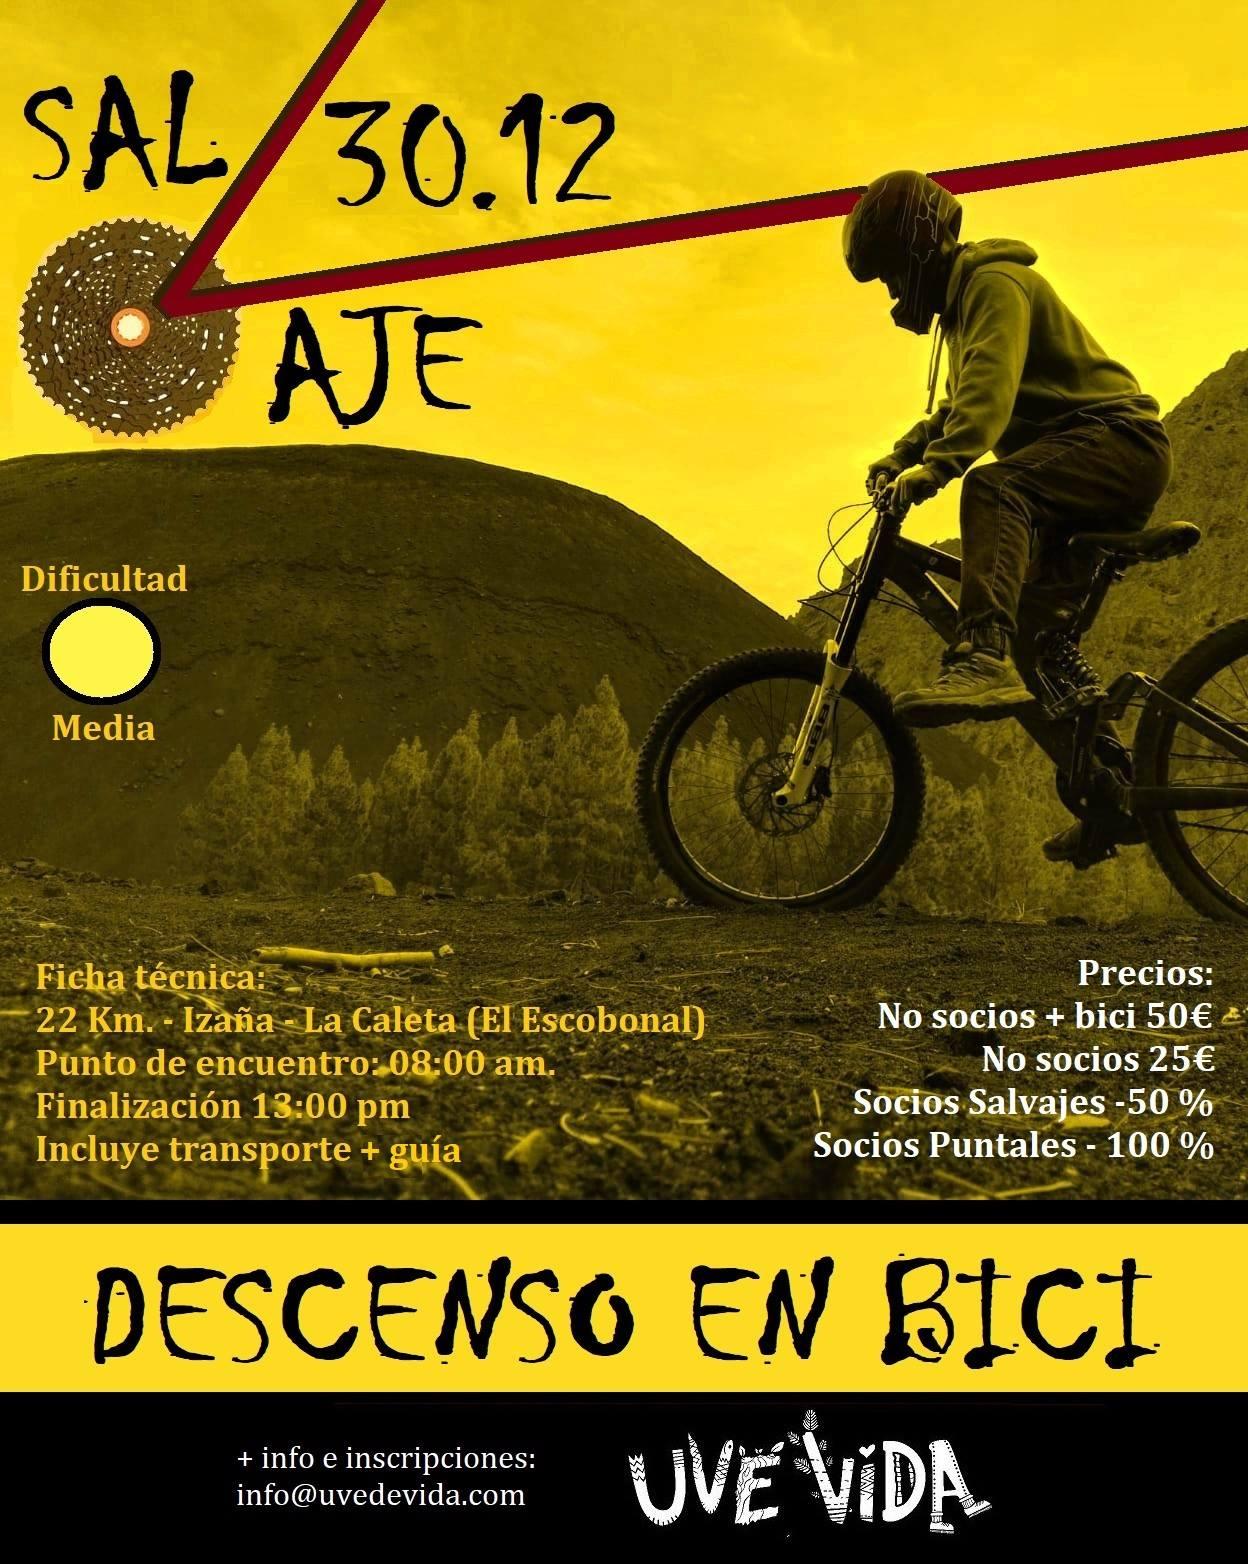 SalVaje Descenso en Bicicleta